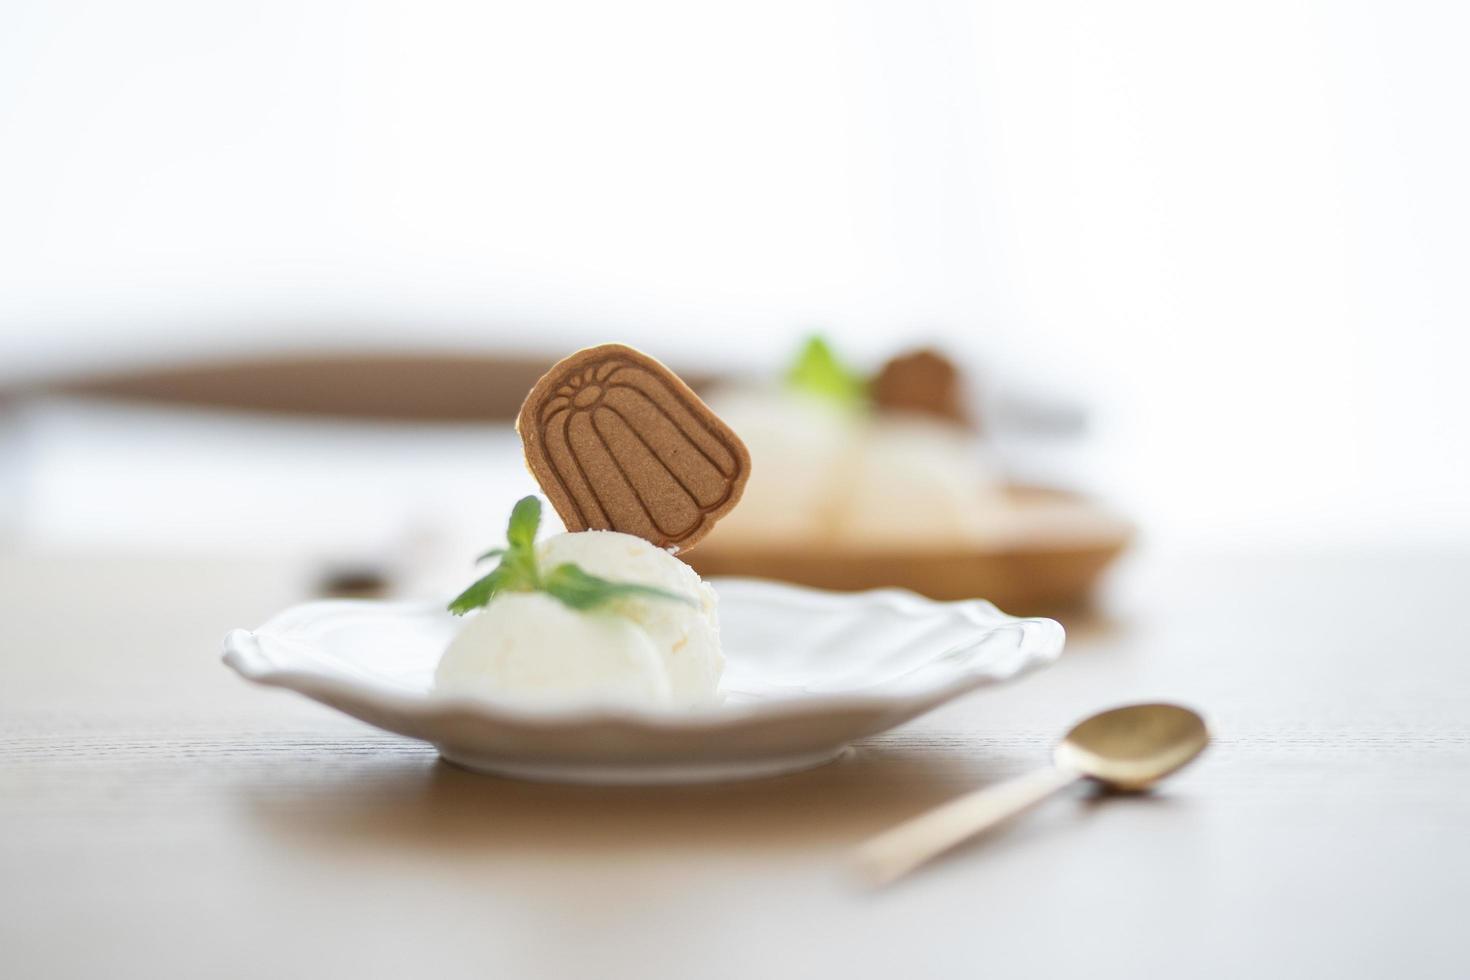 ijs met koekje op plaat foto